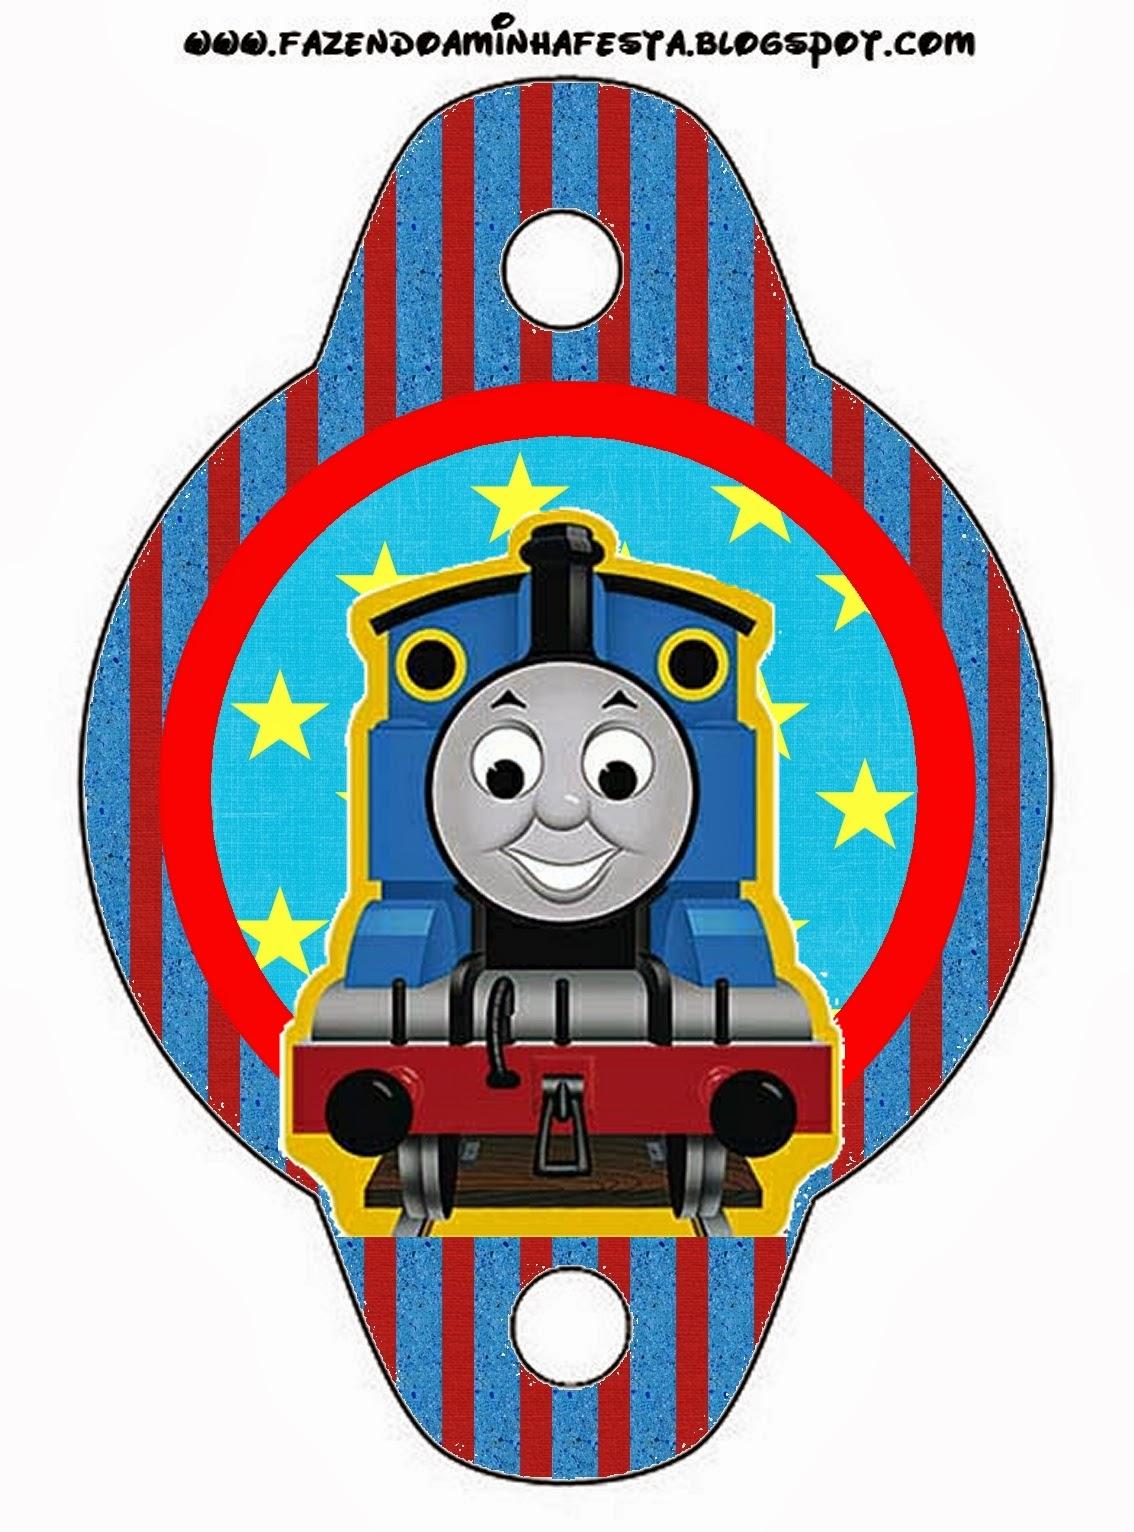 Thomas The Train Free Party Printables